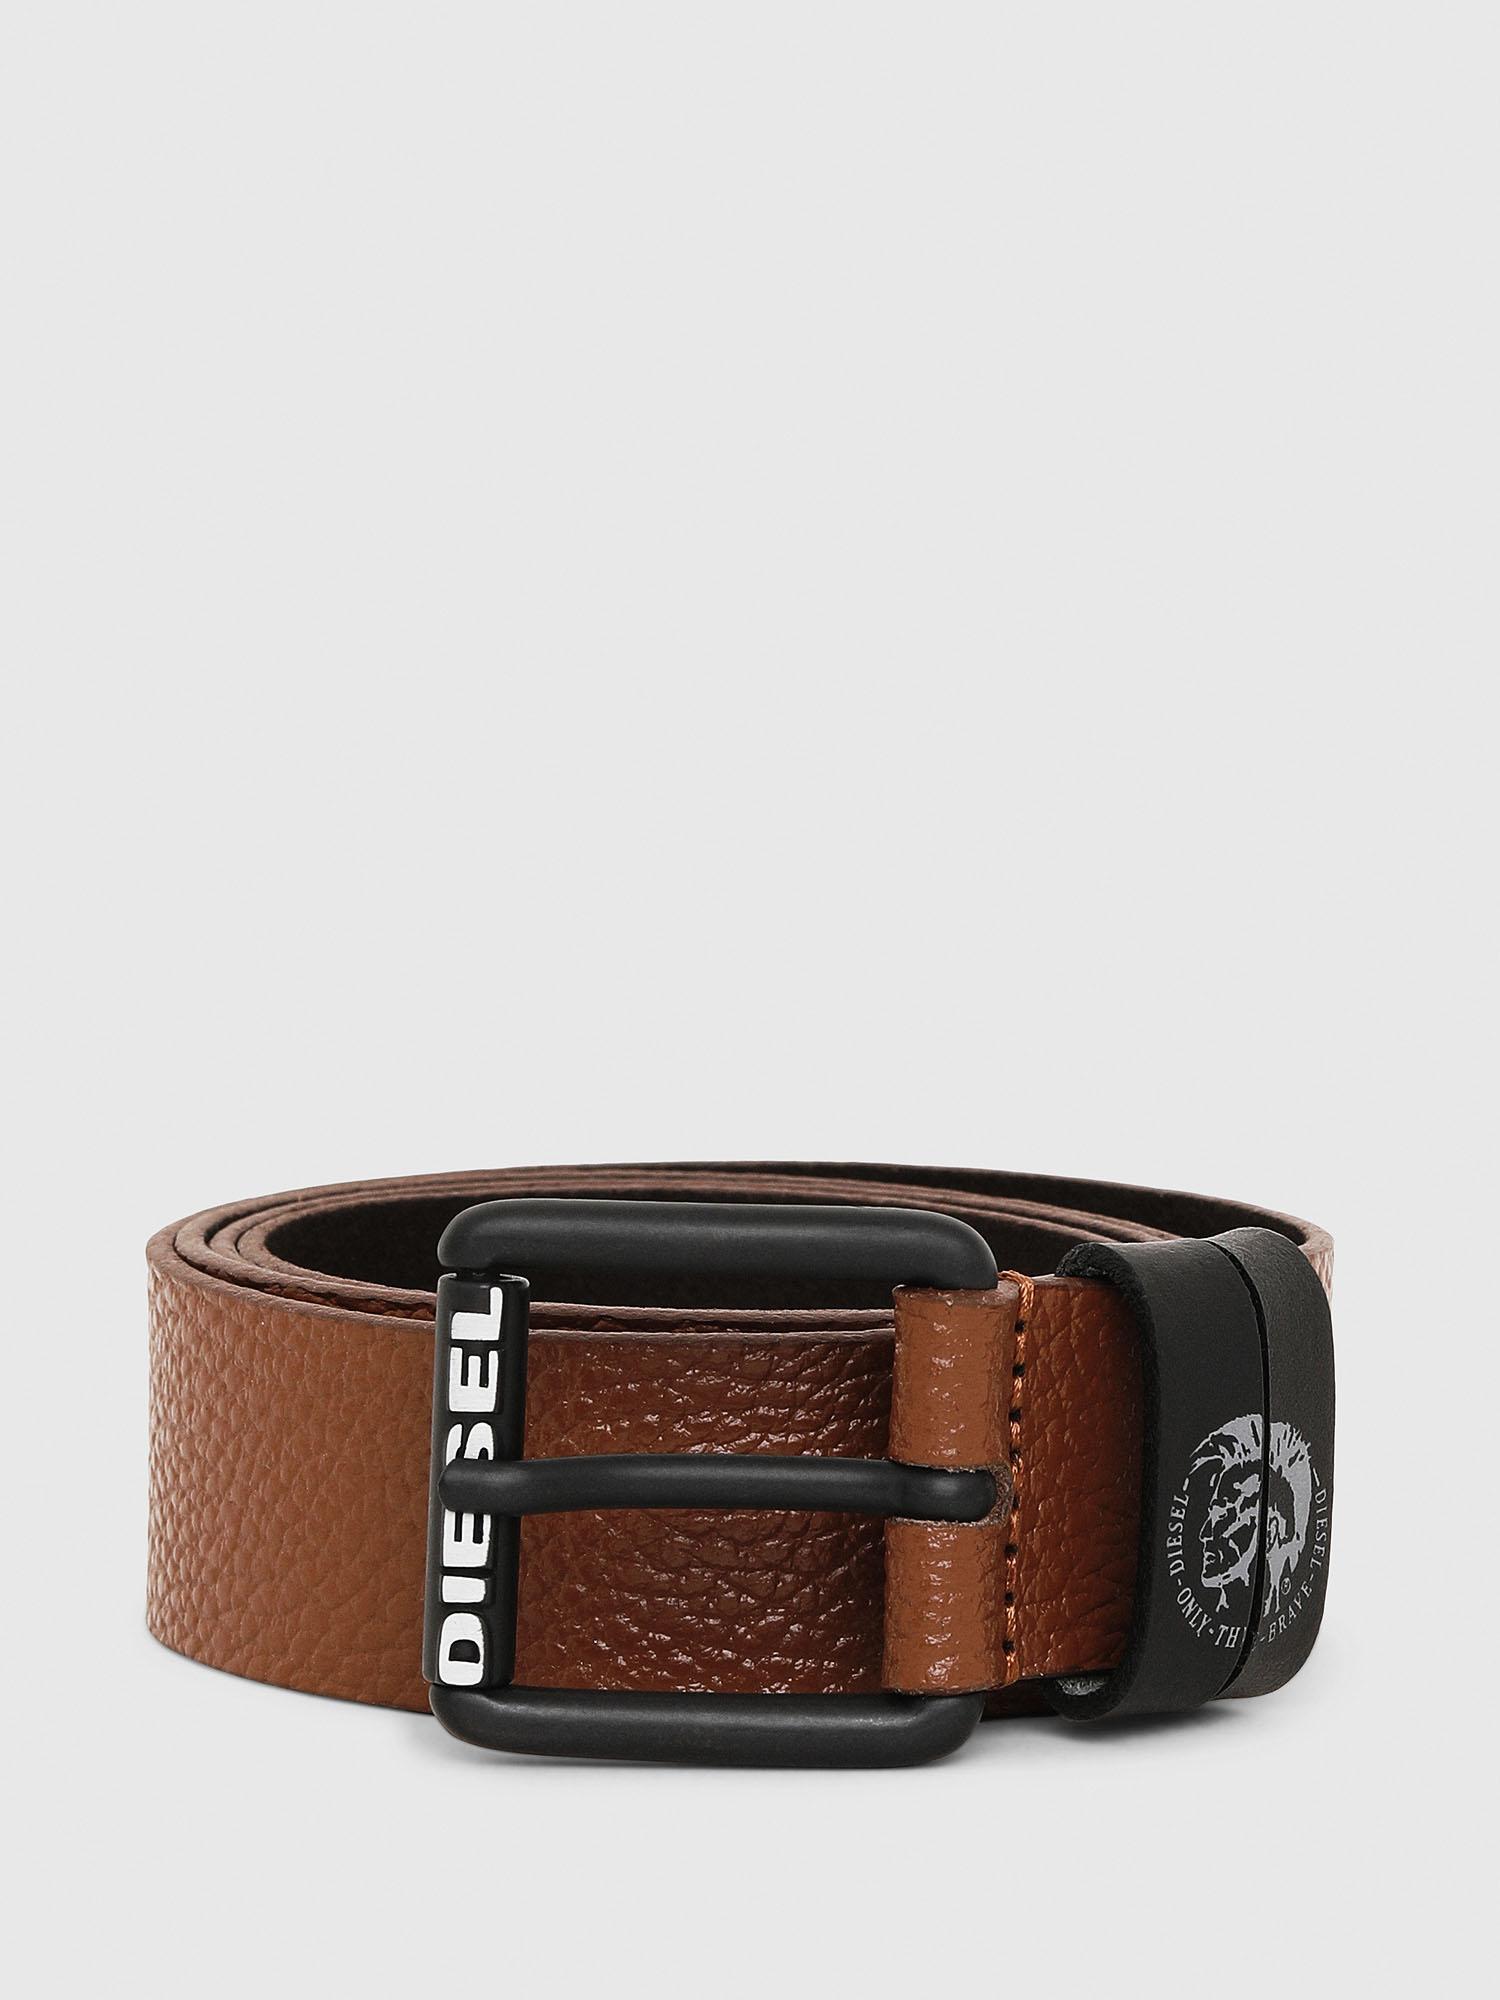 Diesel Belts P0396 - Brown - 90